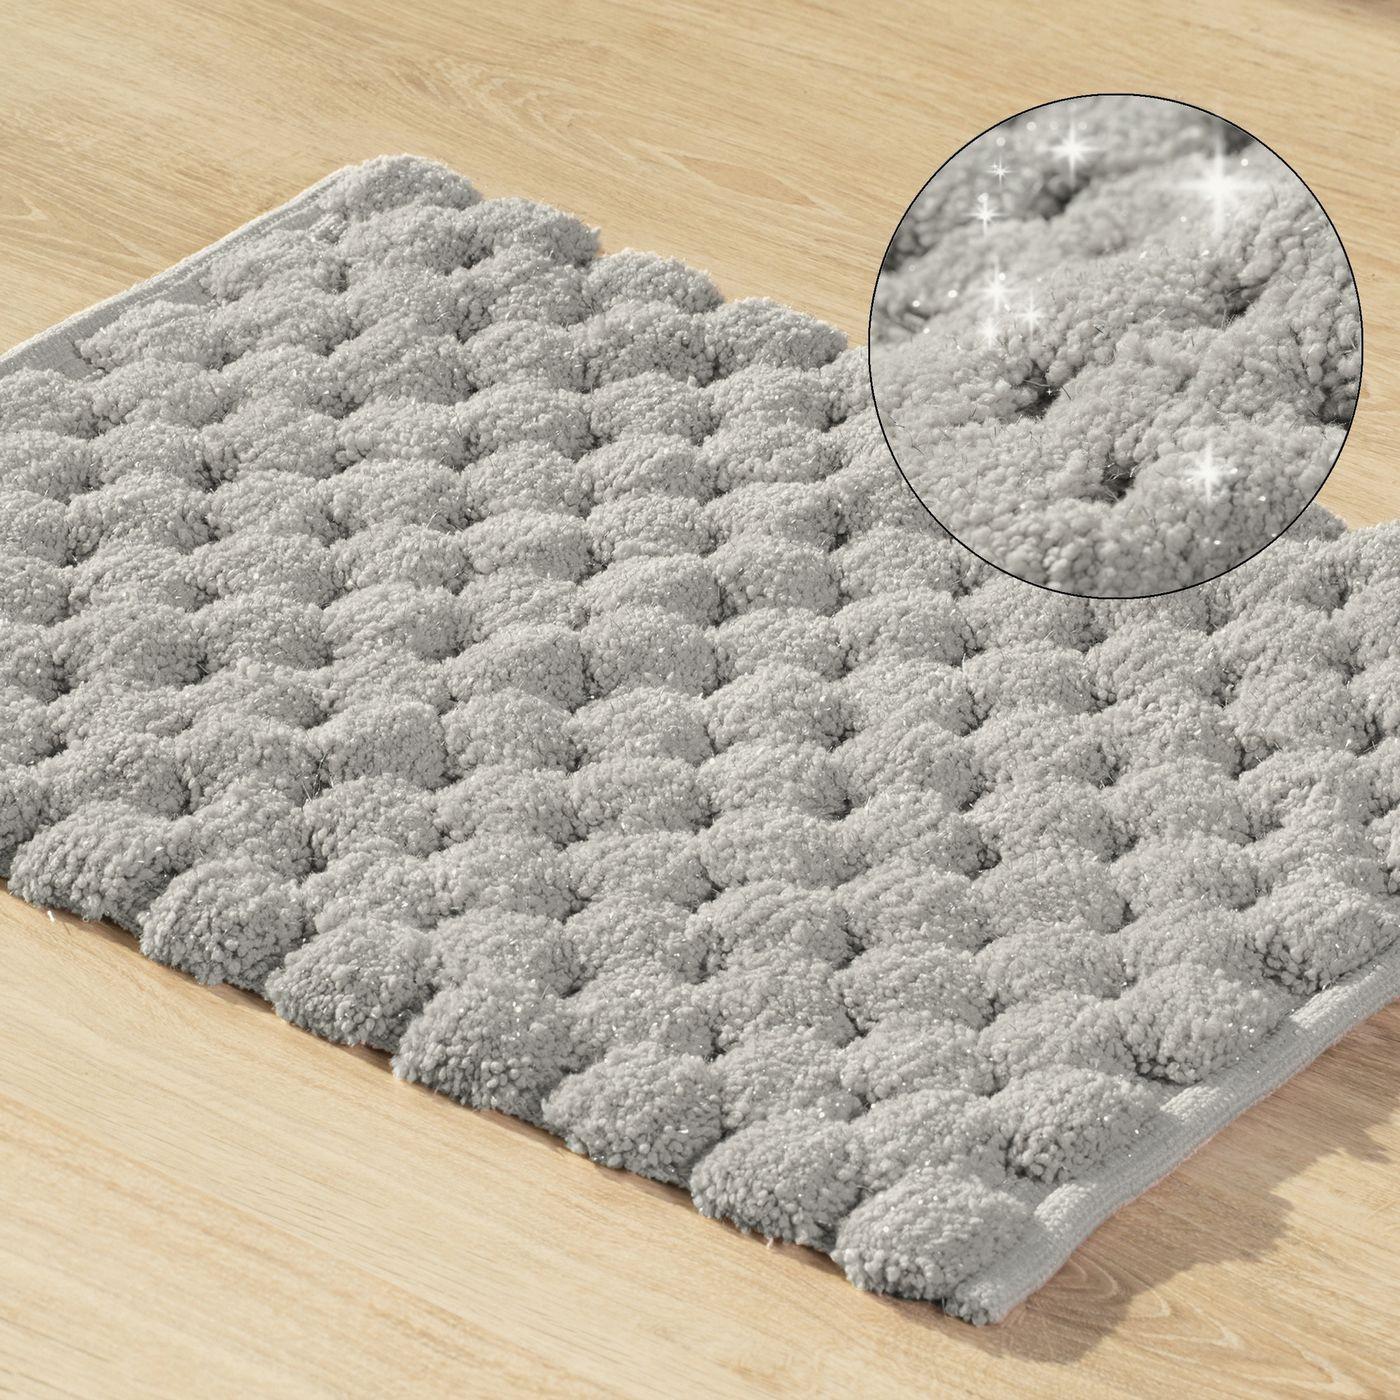 Srebrny dywanik łazienkowy tłoczony ze srebrną nicią 60x90 cm